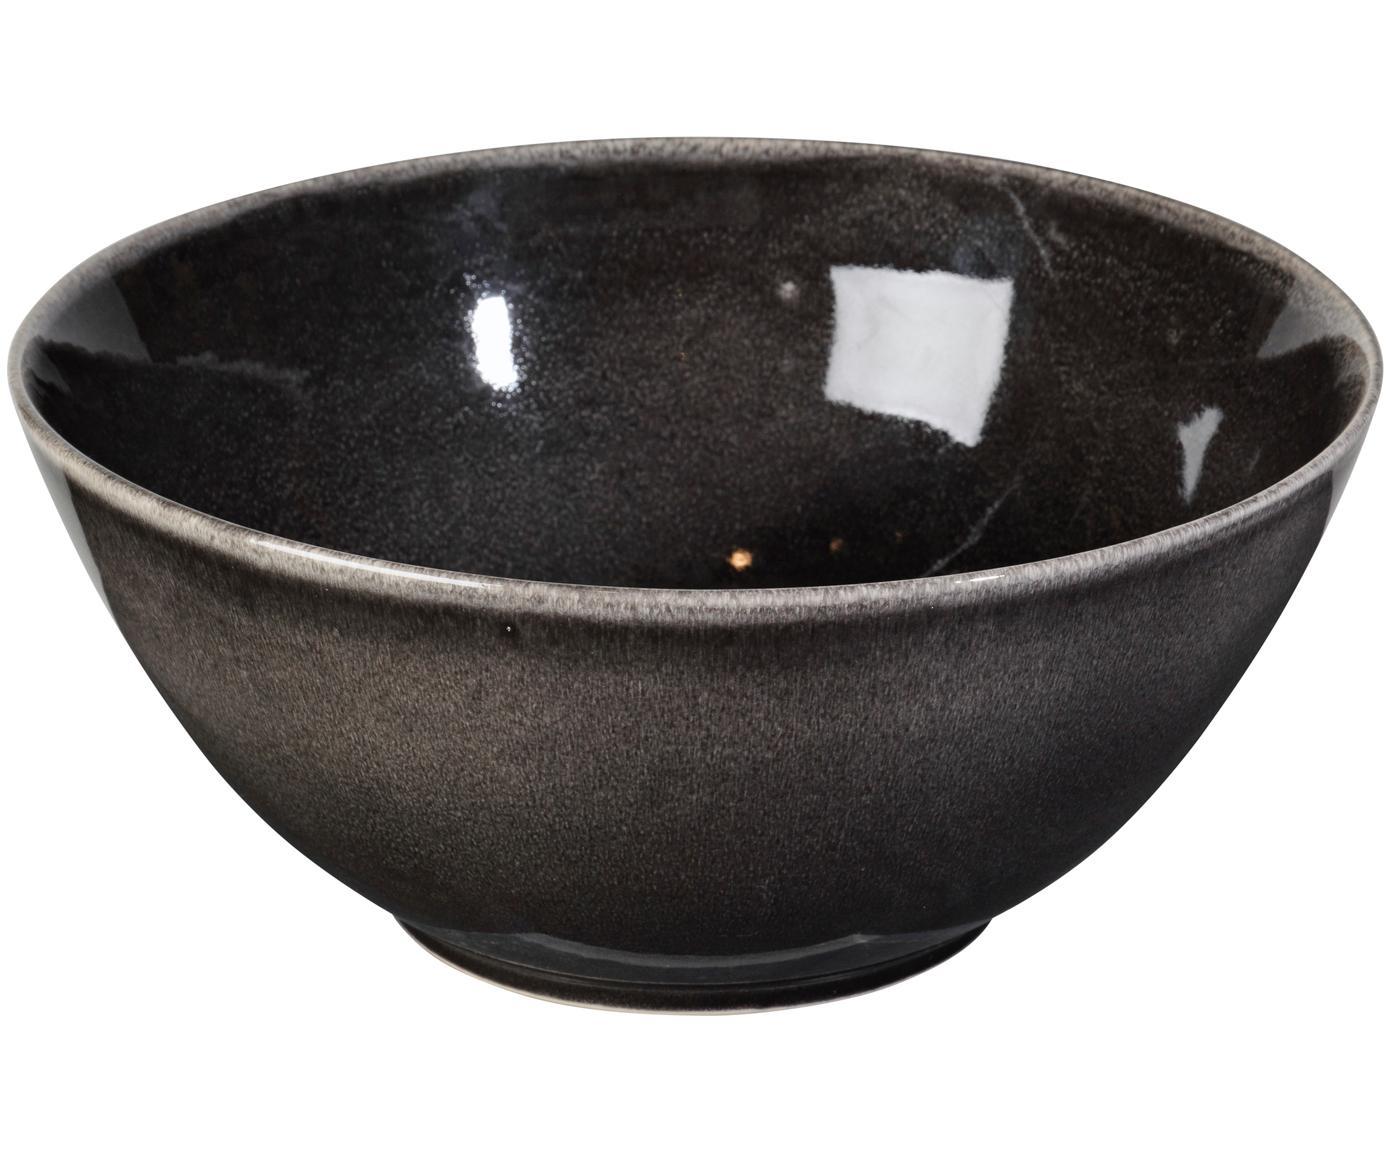 Handgemachte Servierschüssel Nordic Coal, Steingut, Bräunlich, Ø 25 x H 11 cm